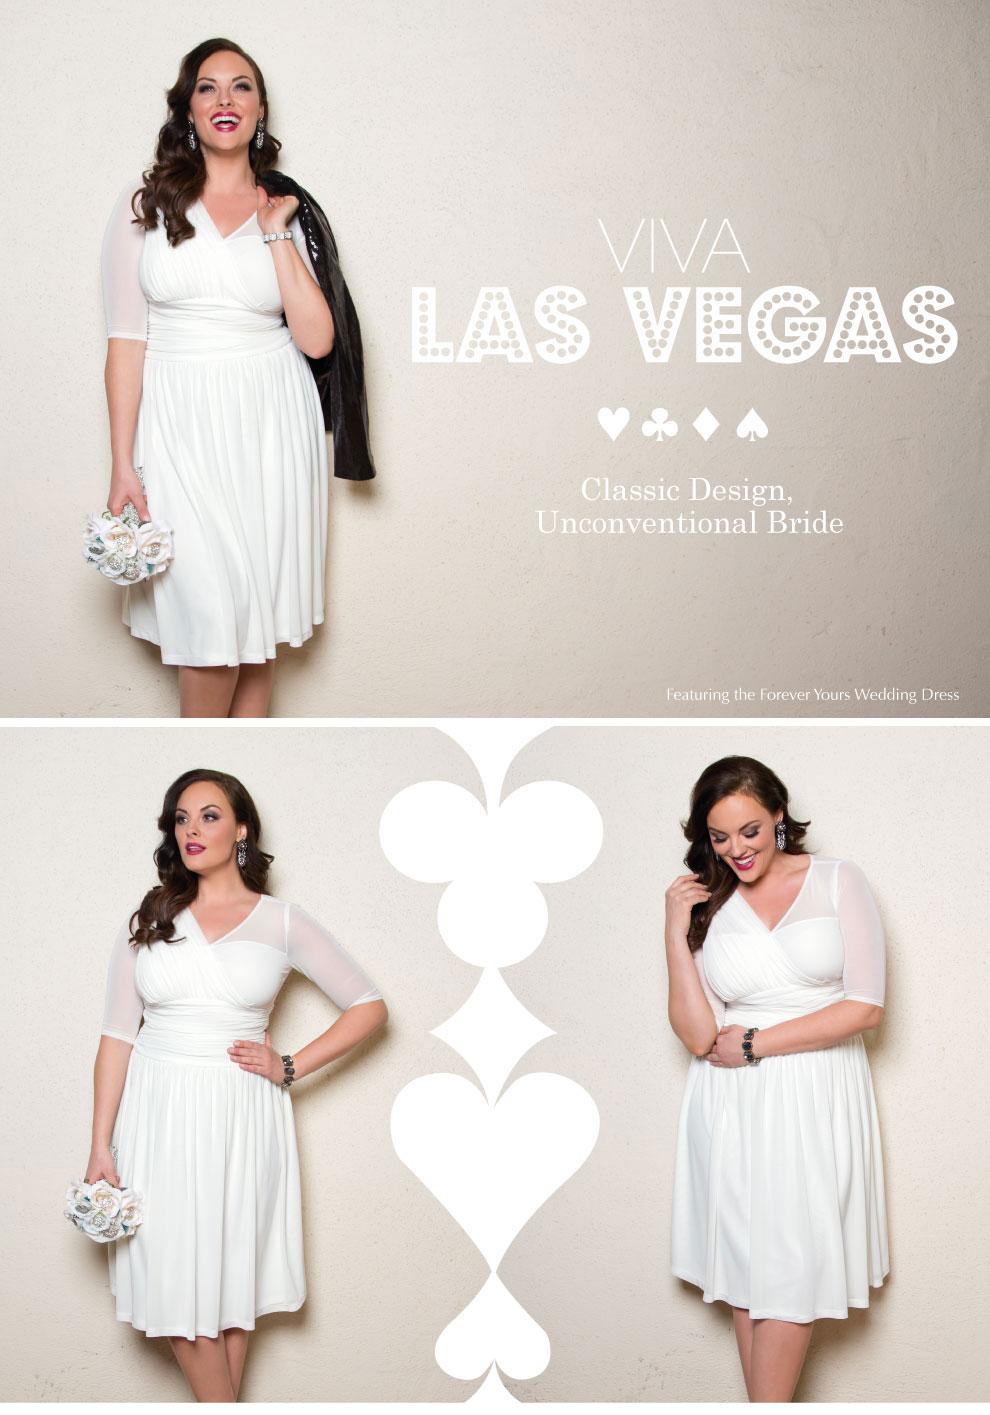 Plus Size Wedding Style   The Vegas Bride